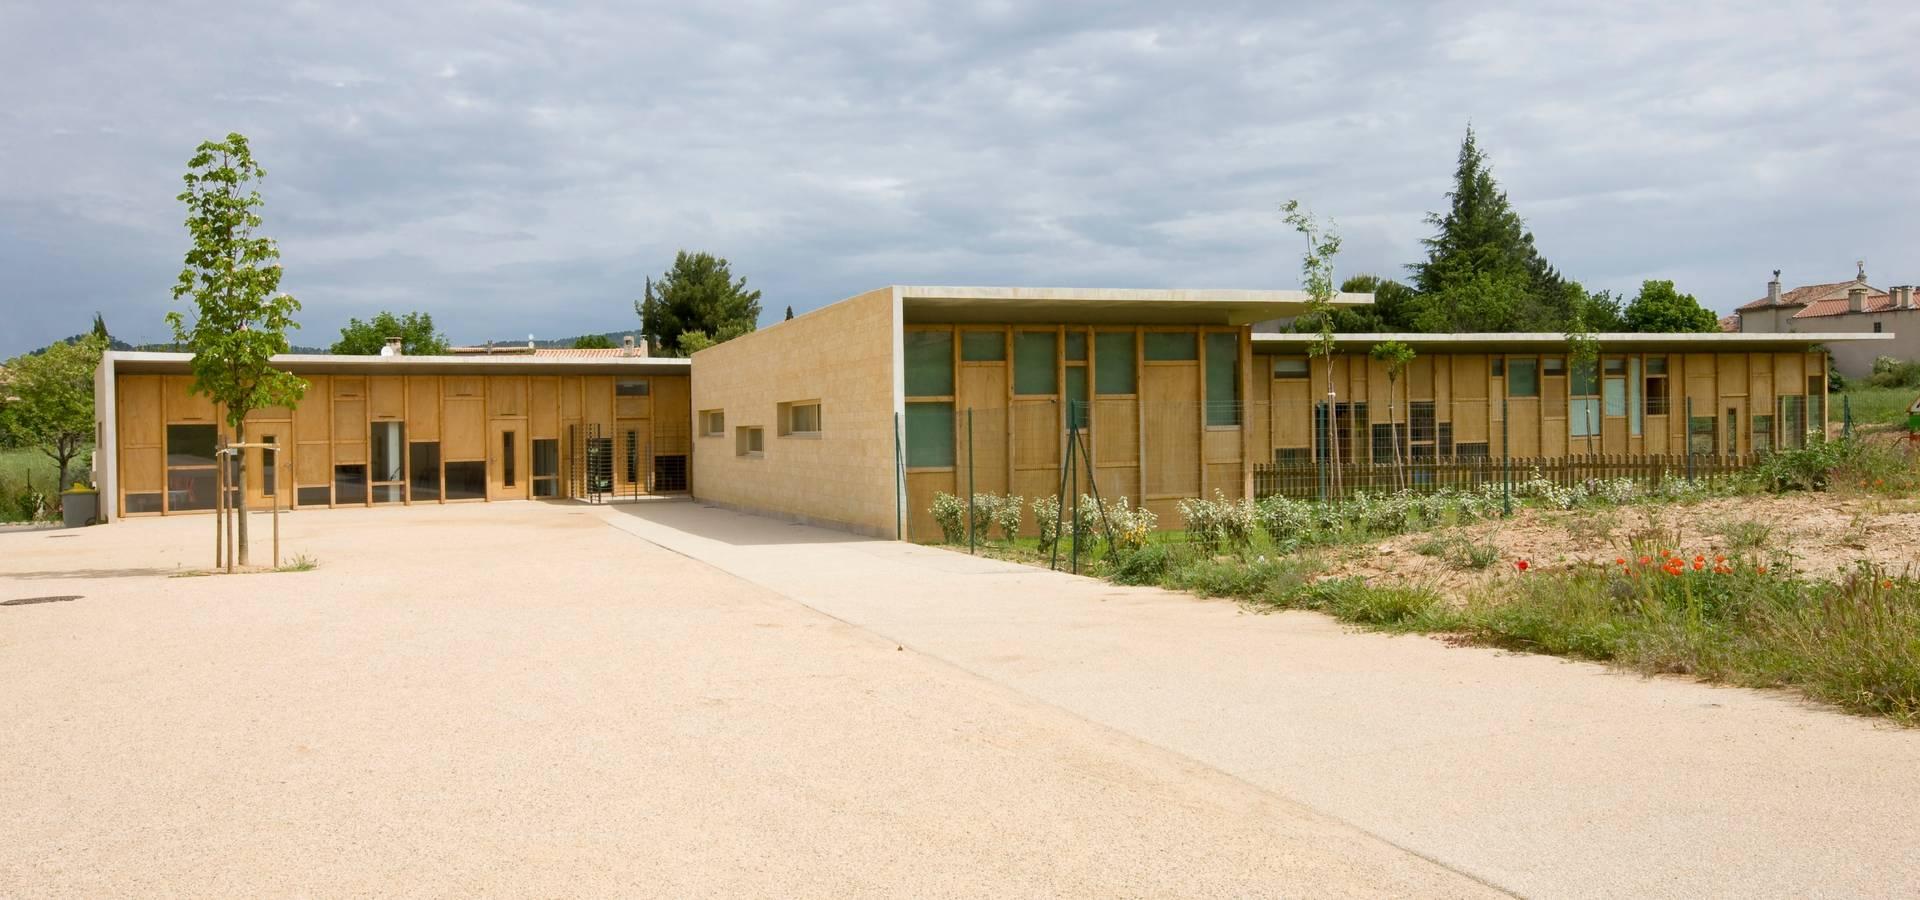 Maison de l 39 enfance hqe peyrolles en provence by adrien champsaur architecture homify - Adrien champsaur ...